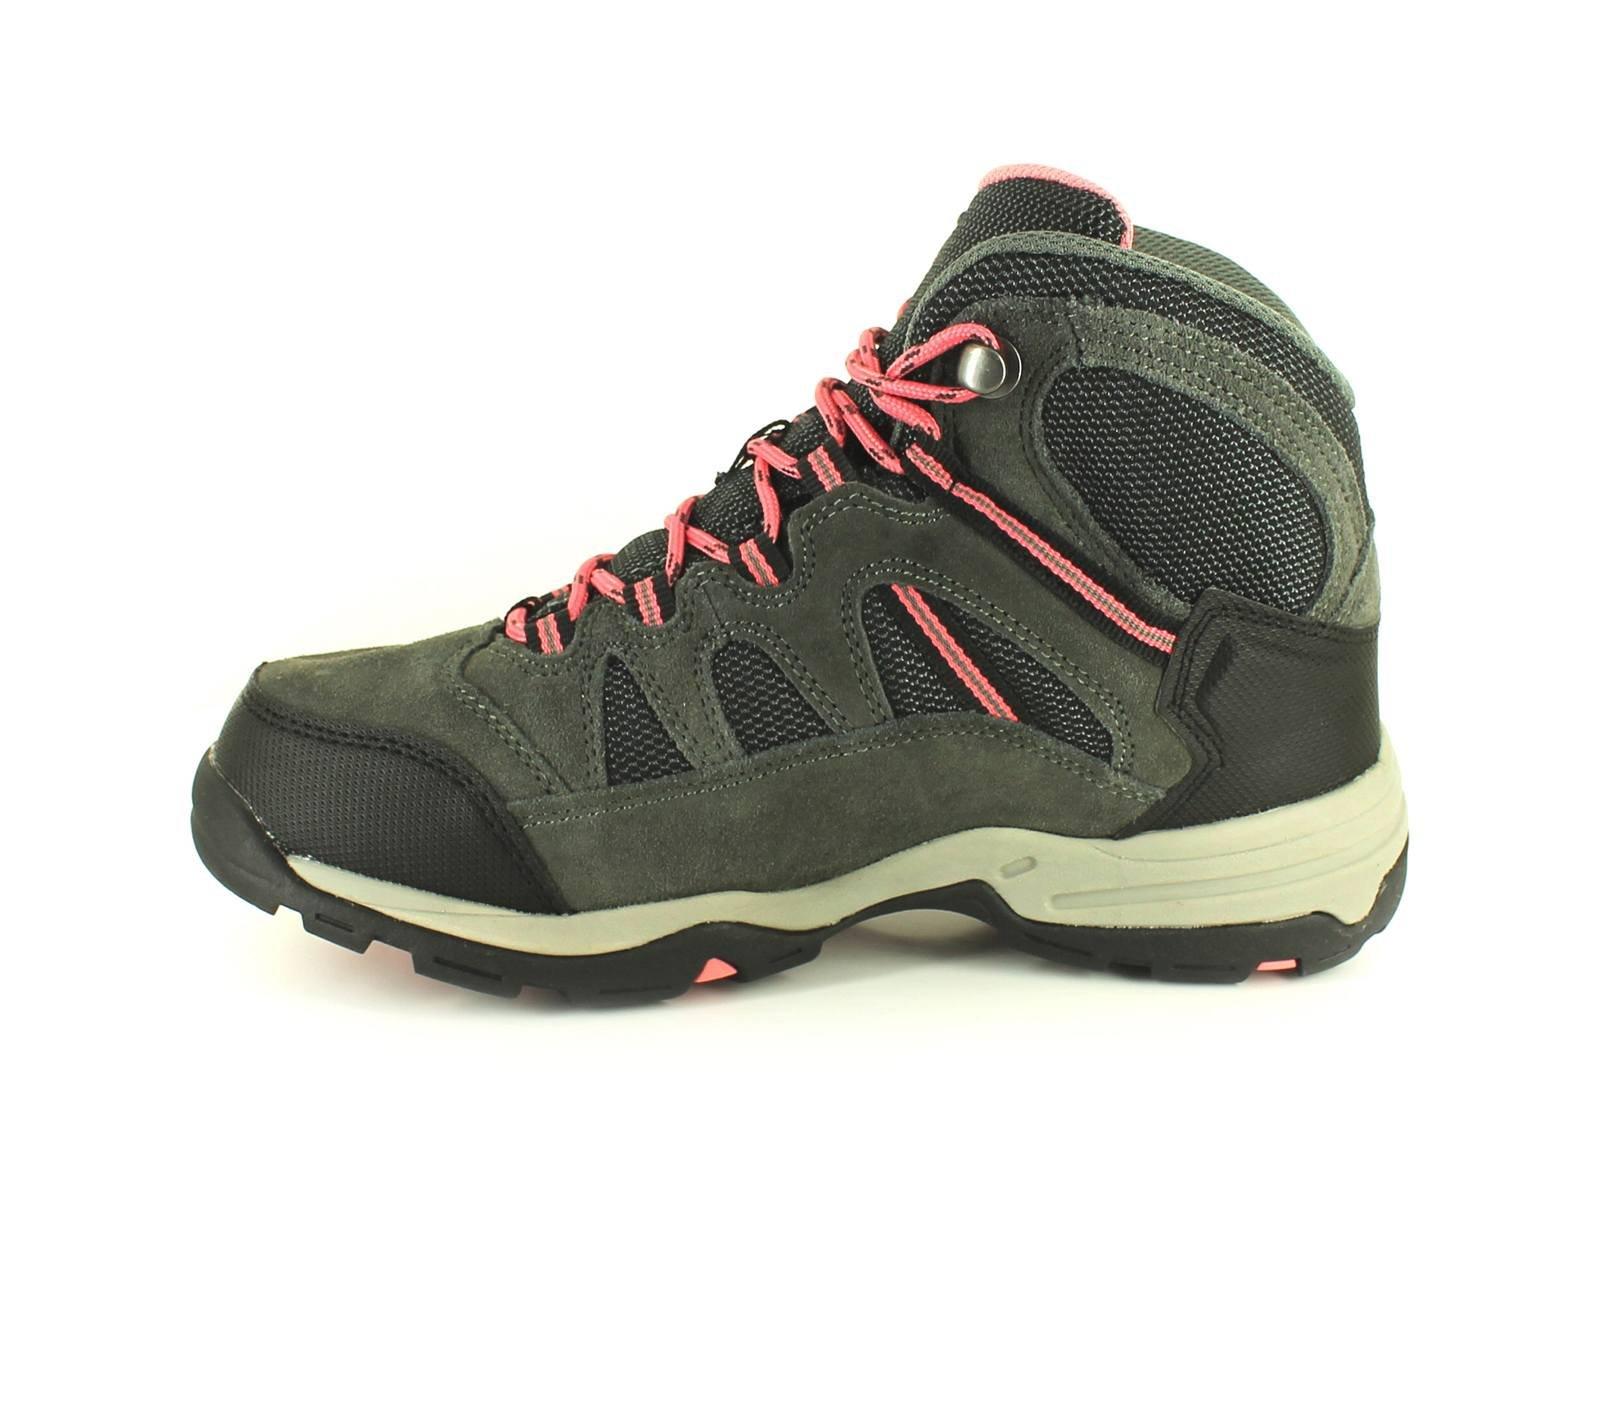 71HM39M2yXL - Hi-Tec Bandera II Mid WP Women's Walking Shoes